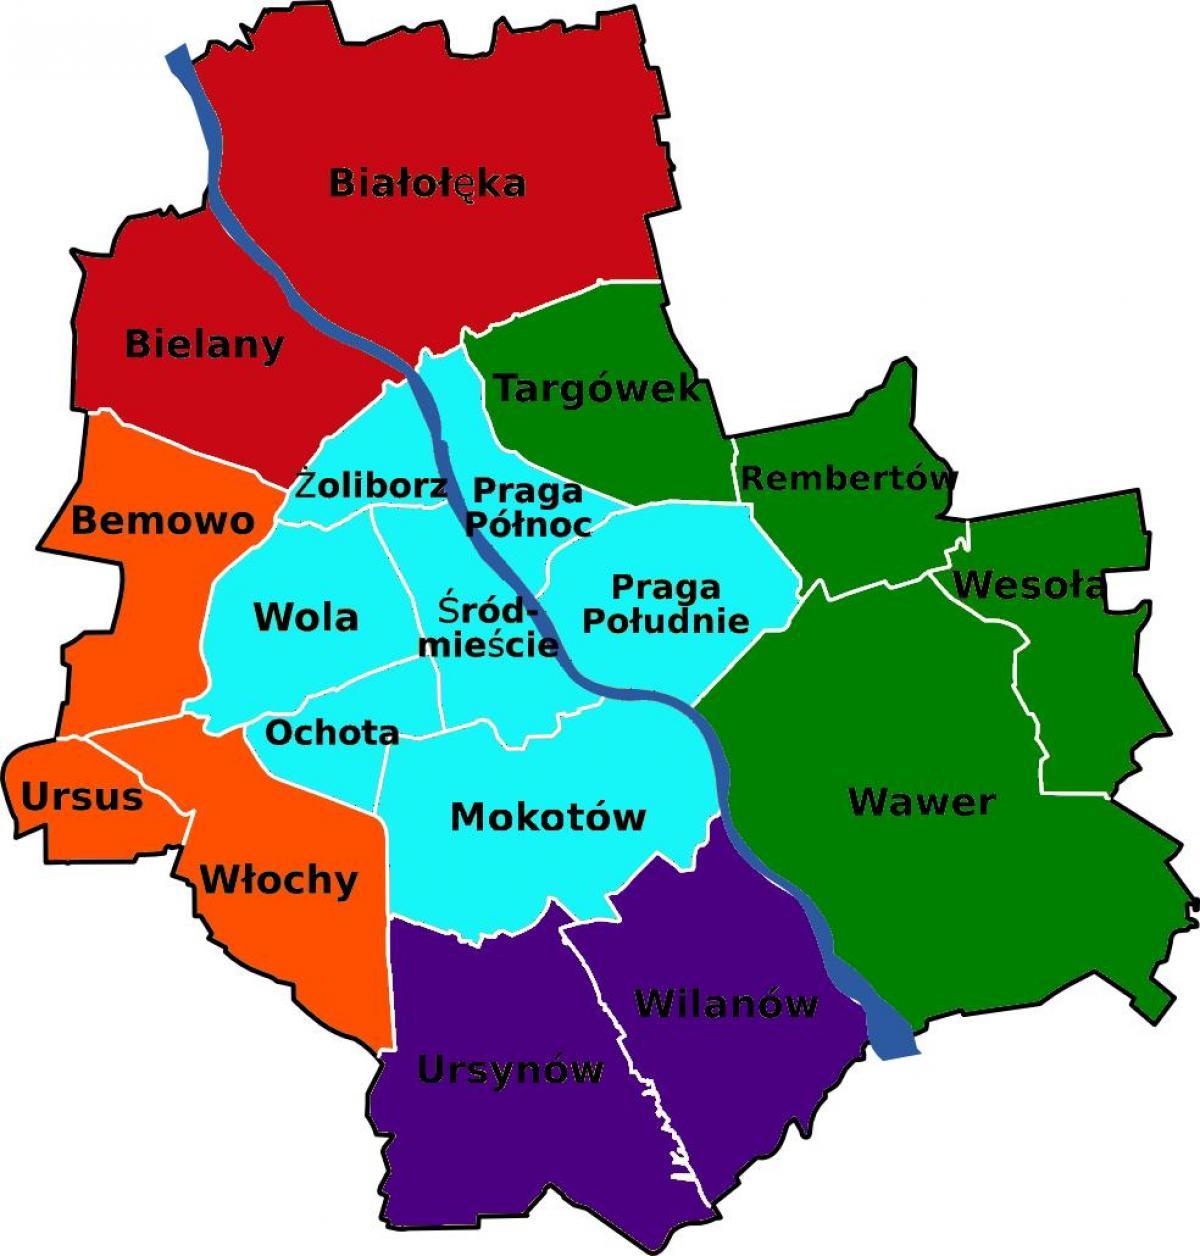 Warszawa Mapa Obszarow Mapa Dzielnic Warszawy Wojewodztwo